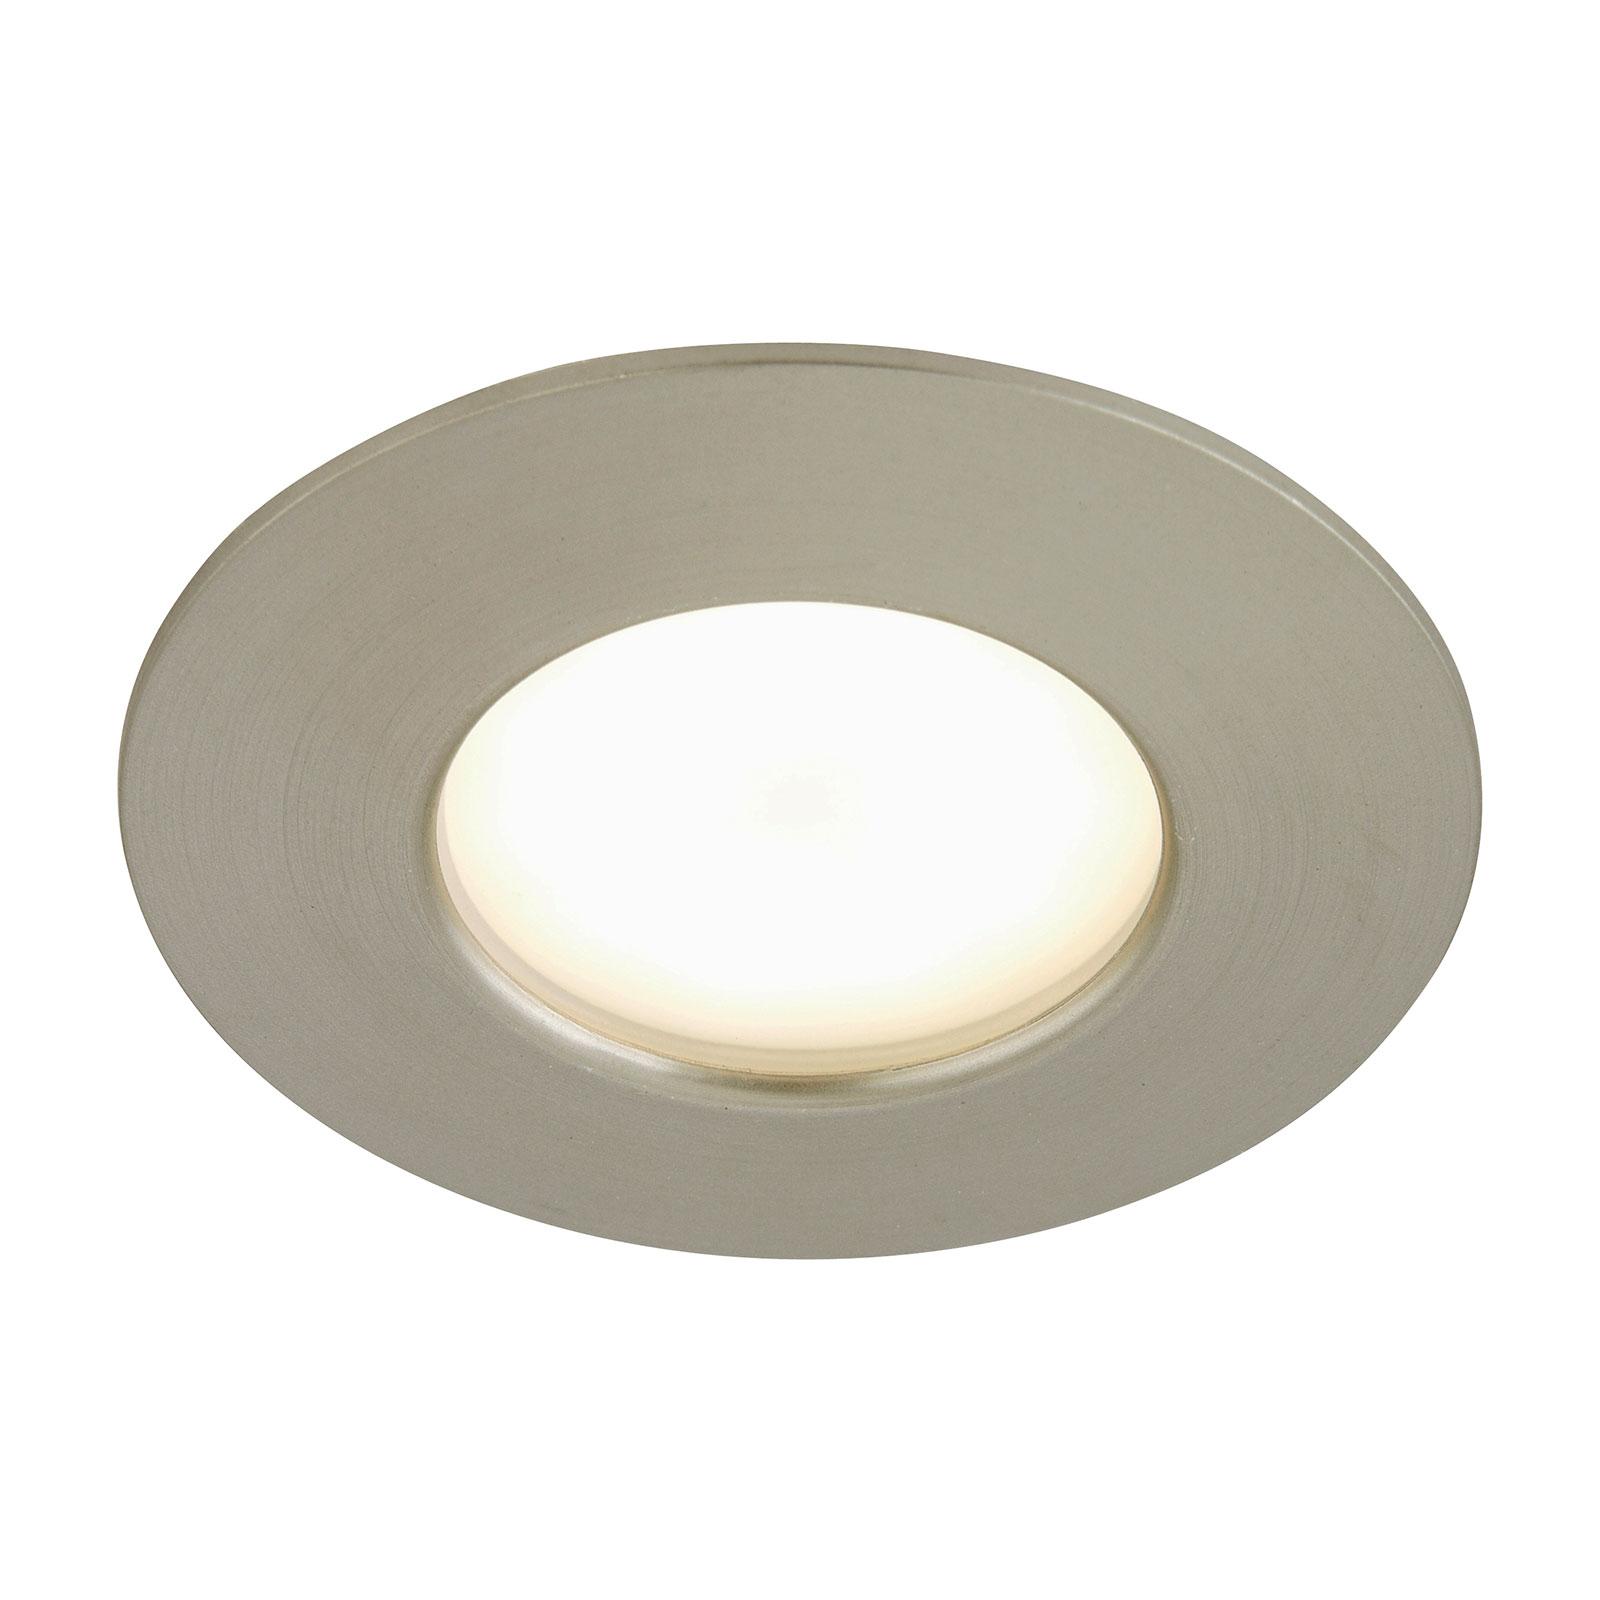 Lámpara empotrada LED Till para ext. níquel mate